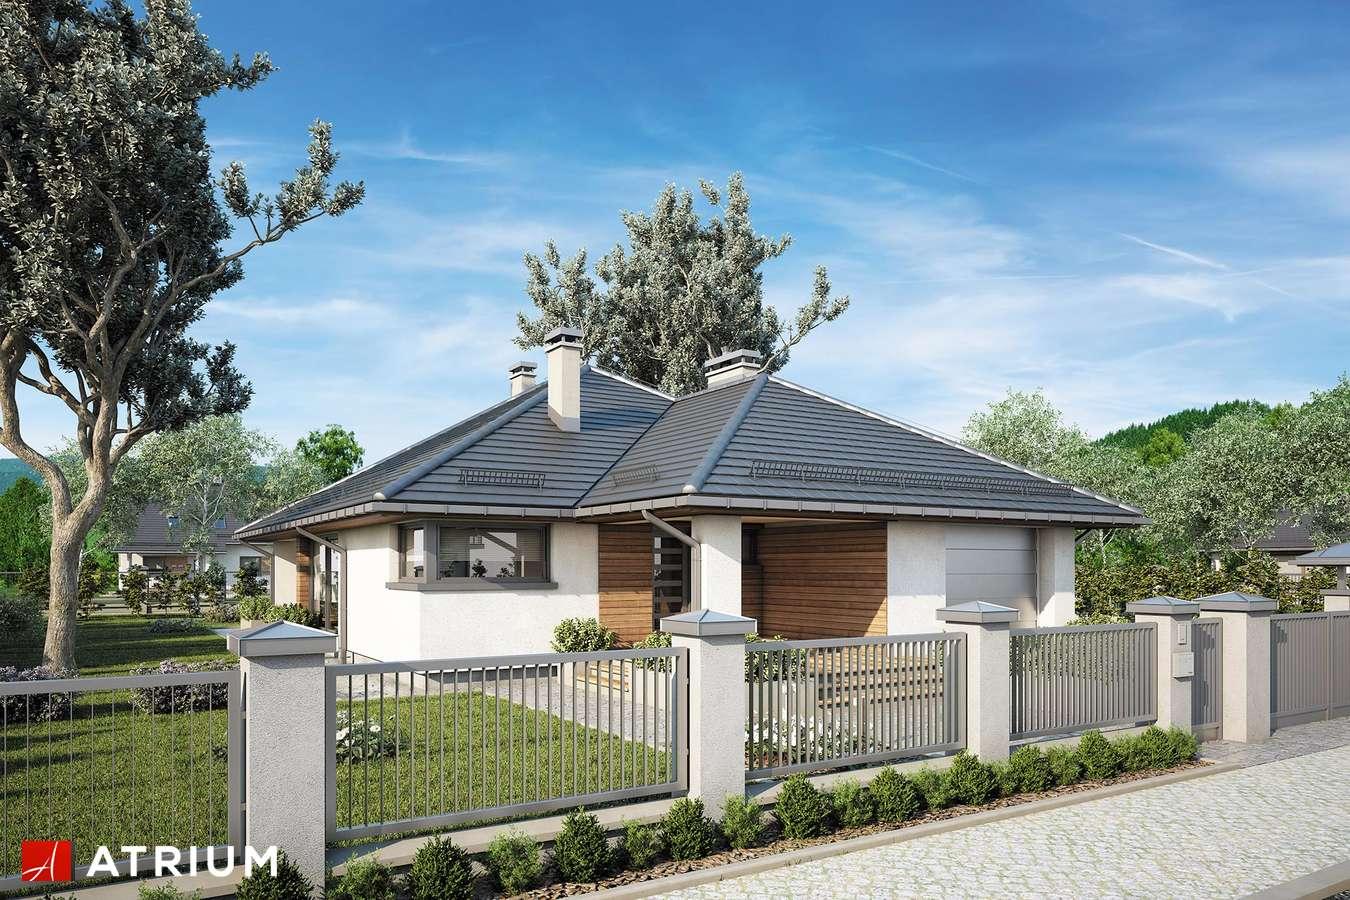 Projekty domów - Projekt domu parterowego KRASKA - wizualizacja 1